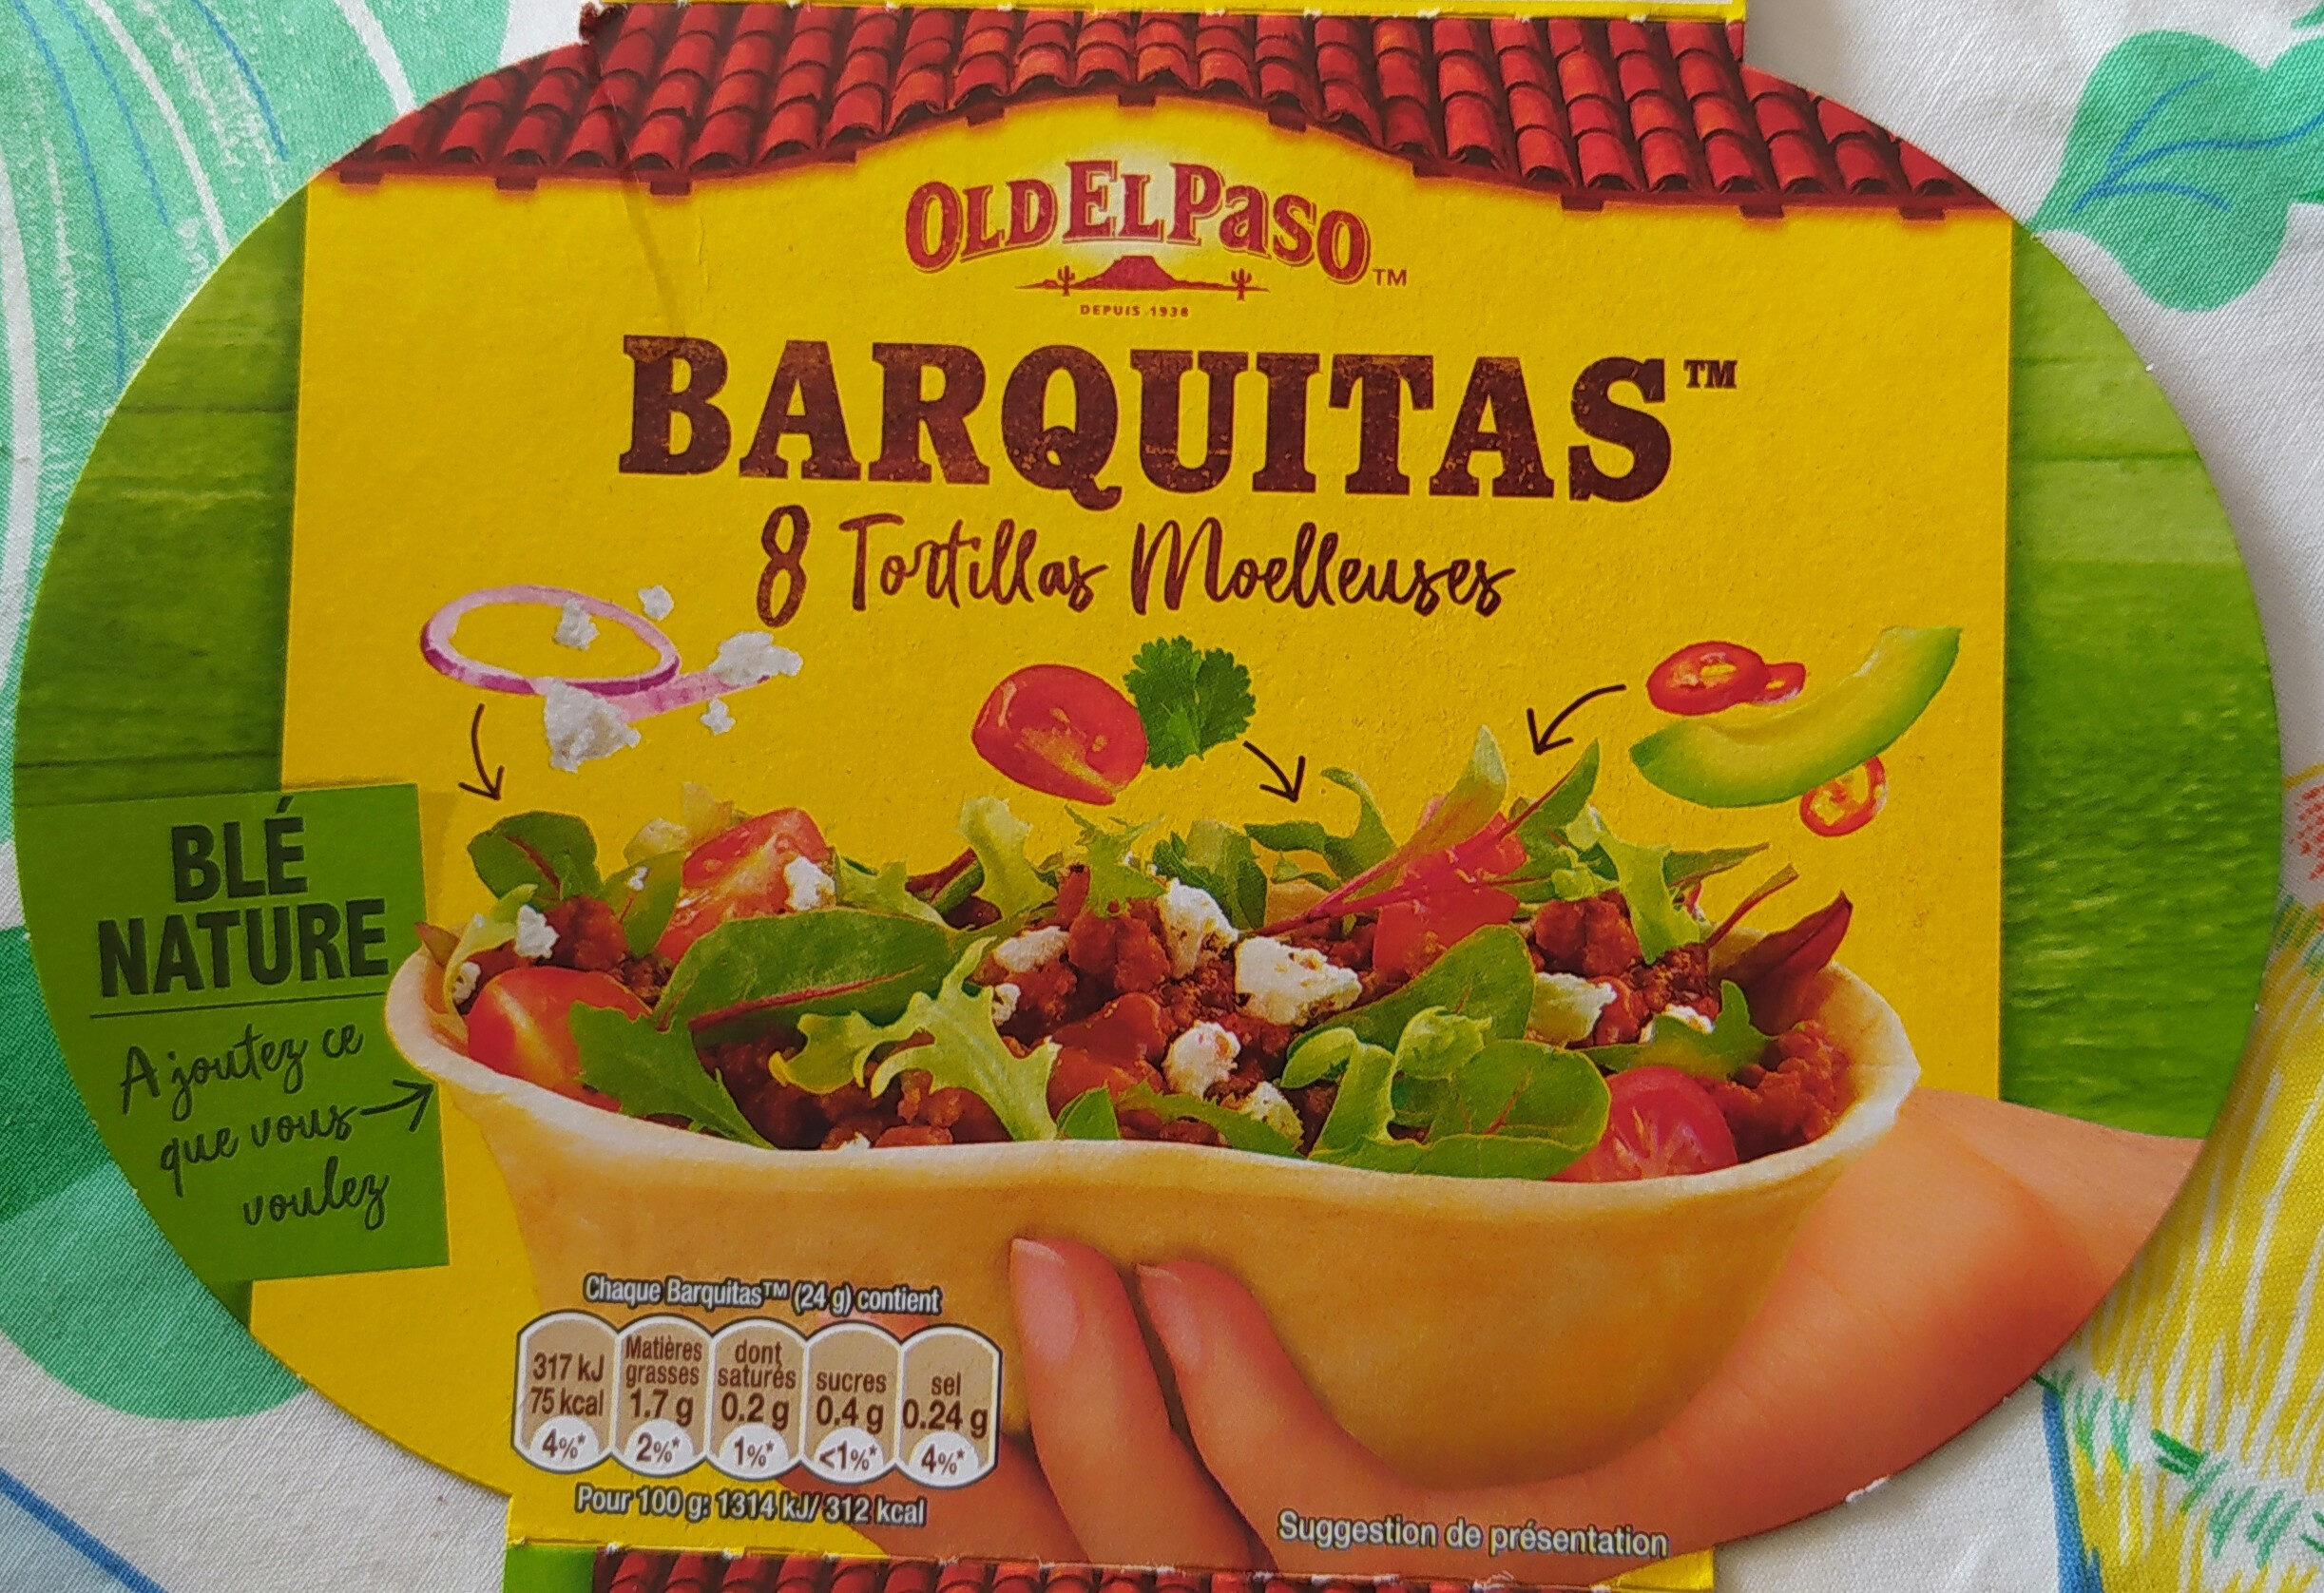 Barquitas-Tortillas Moelleuses souples au blé nature - Produit - fr